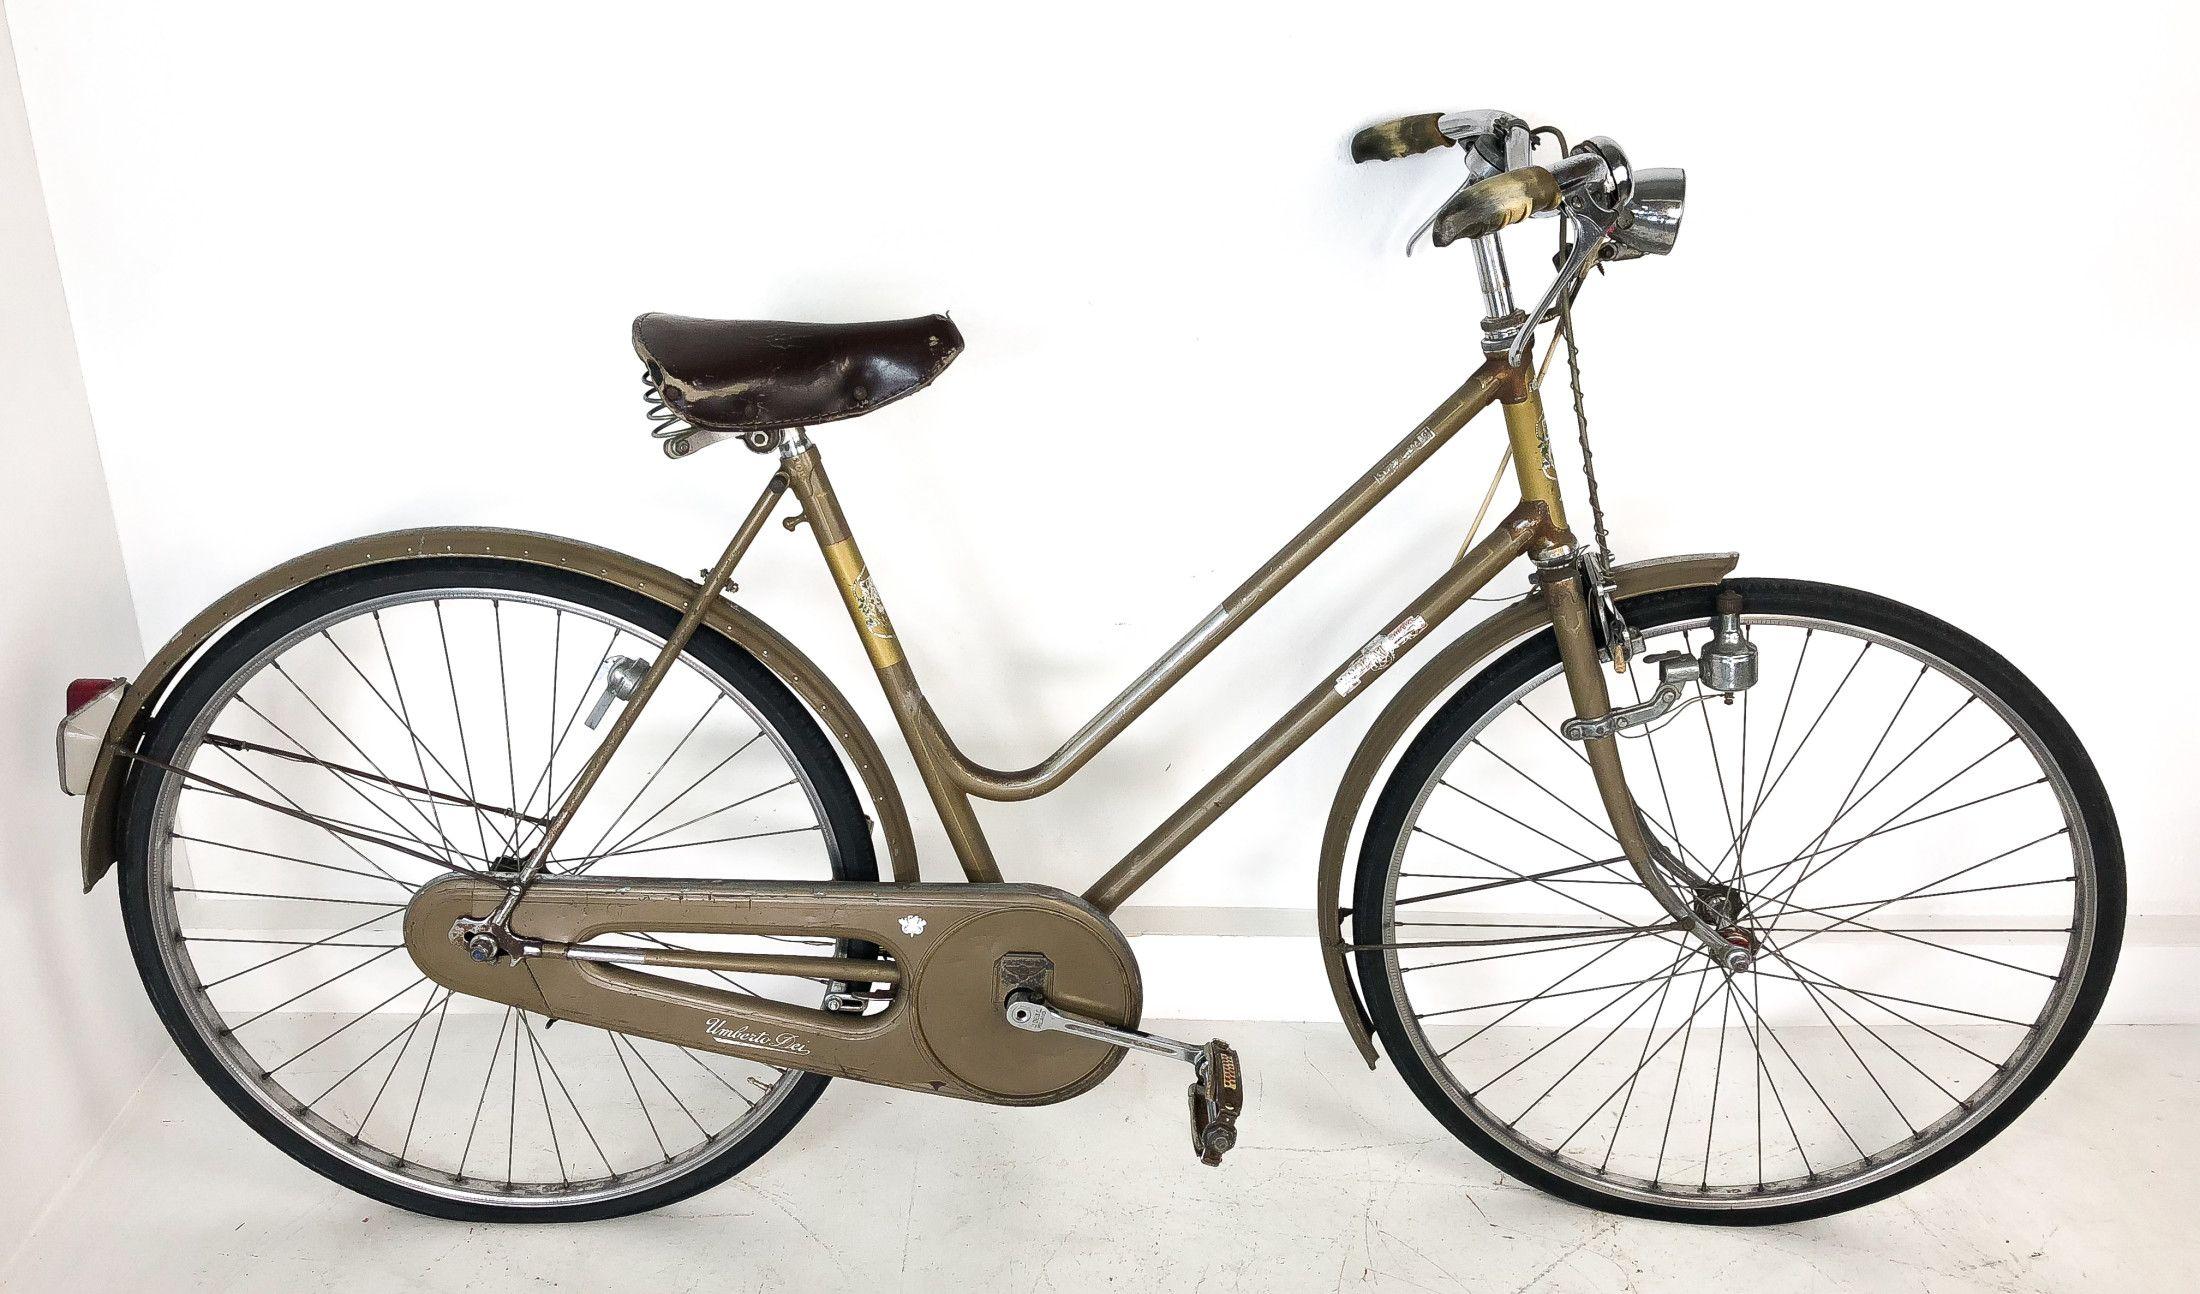 Bicicletta Umberto Dei Super Leggera Dei Milano Anni 50